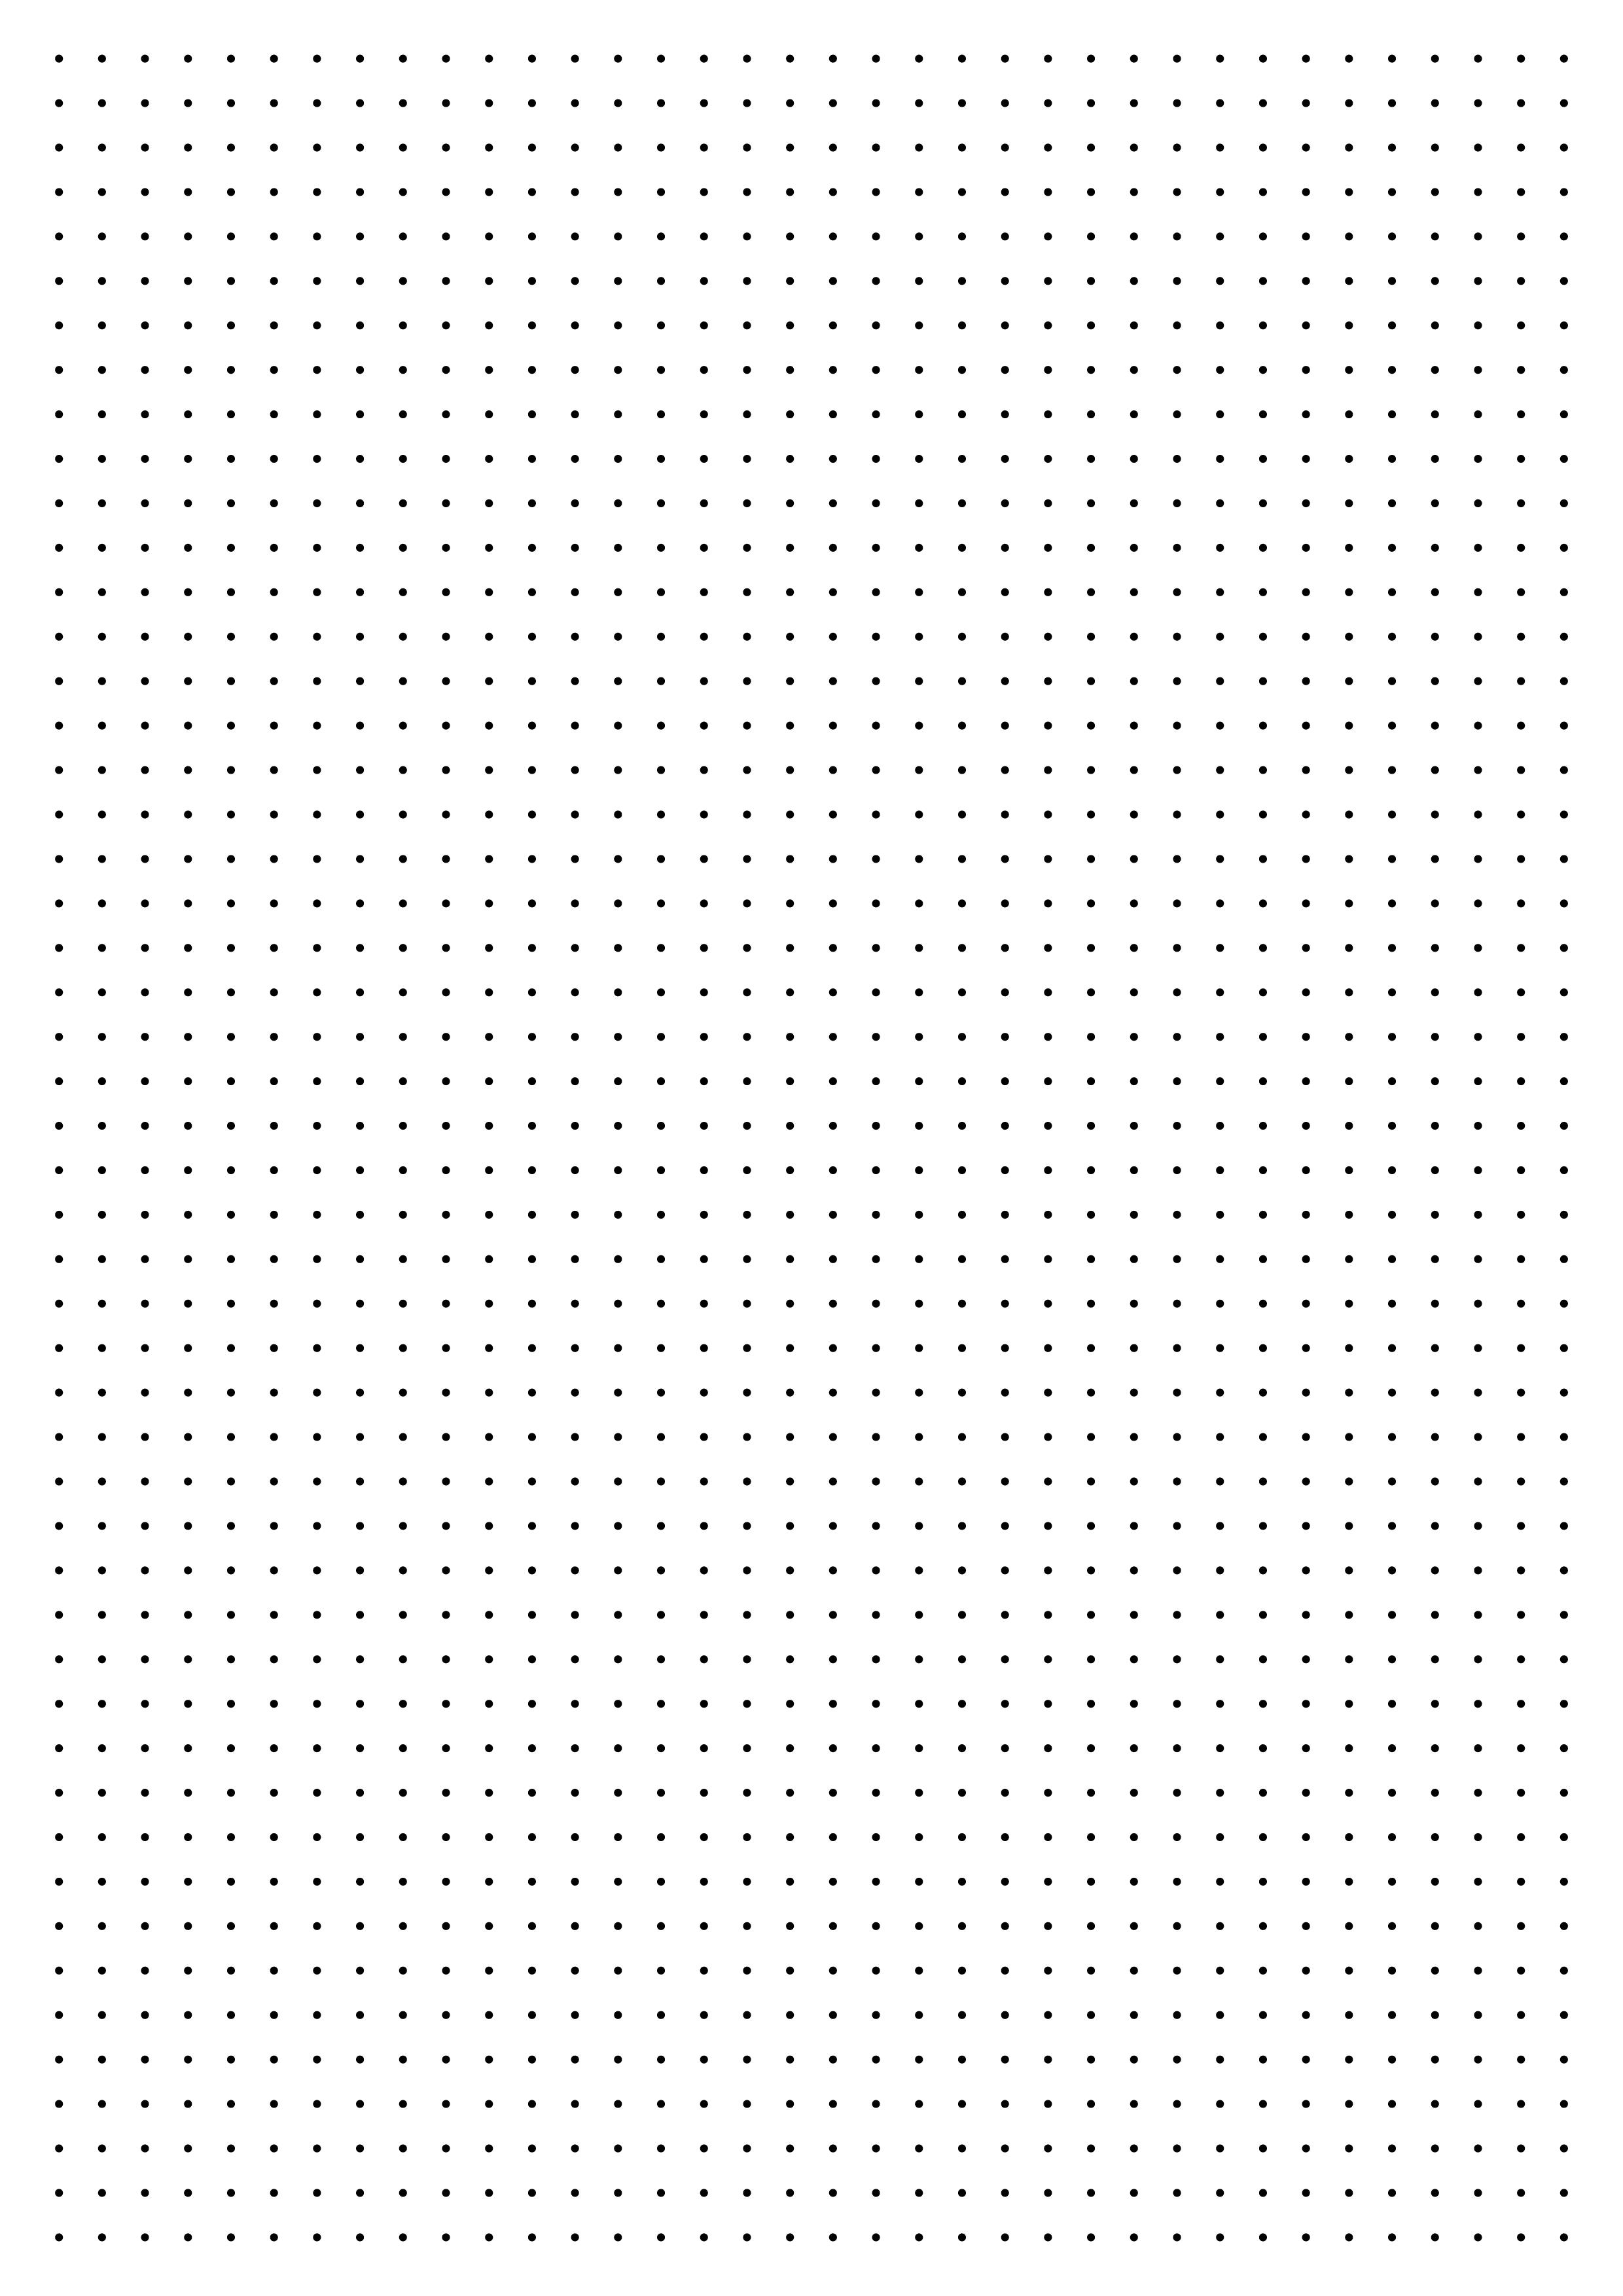 Как сделать лист в точку